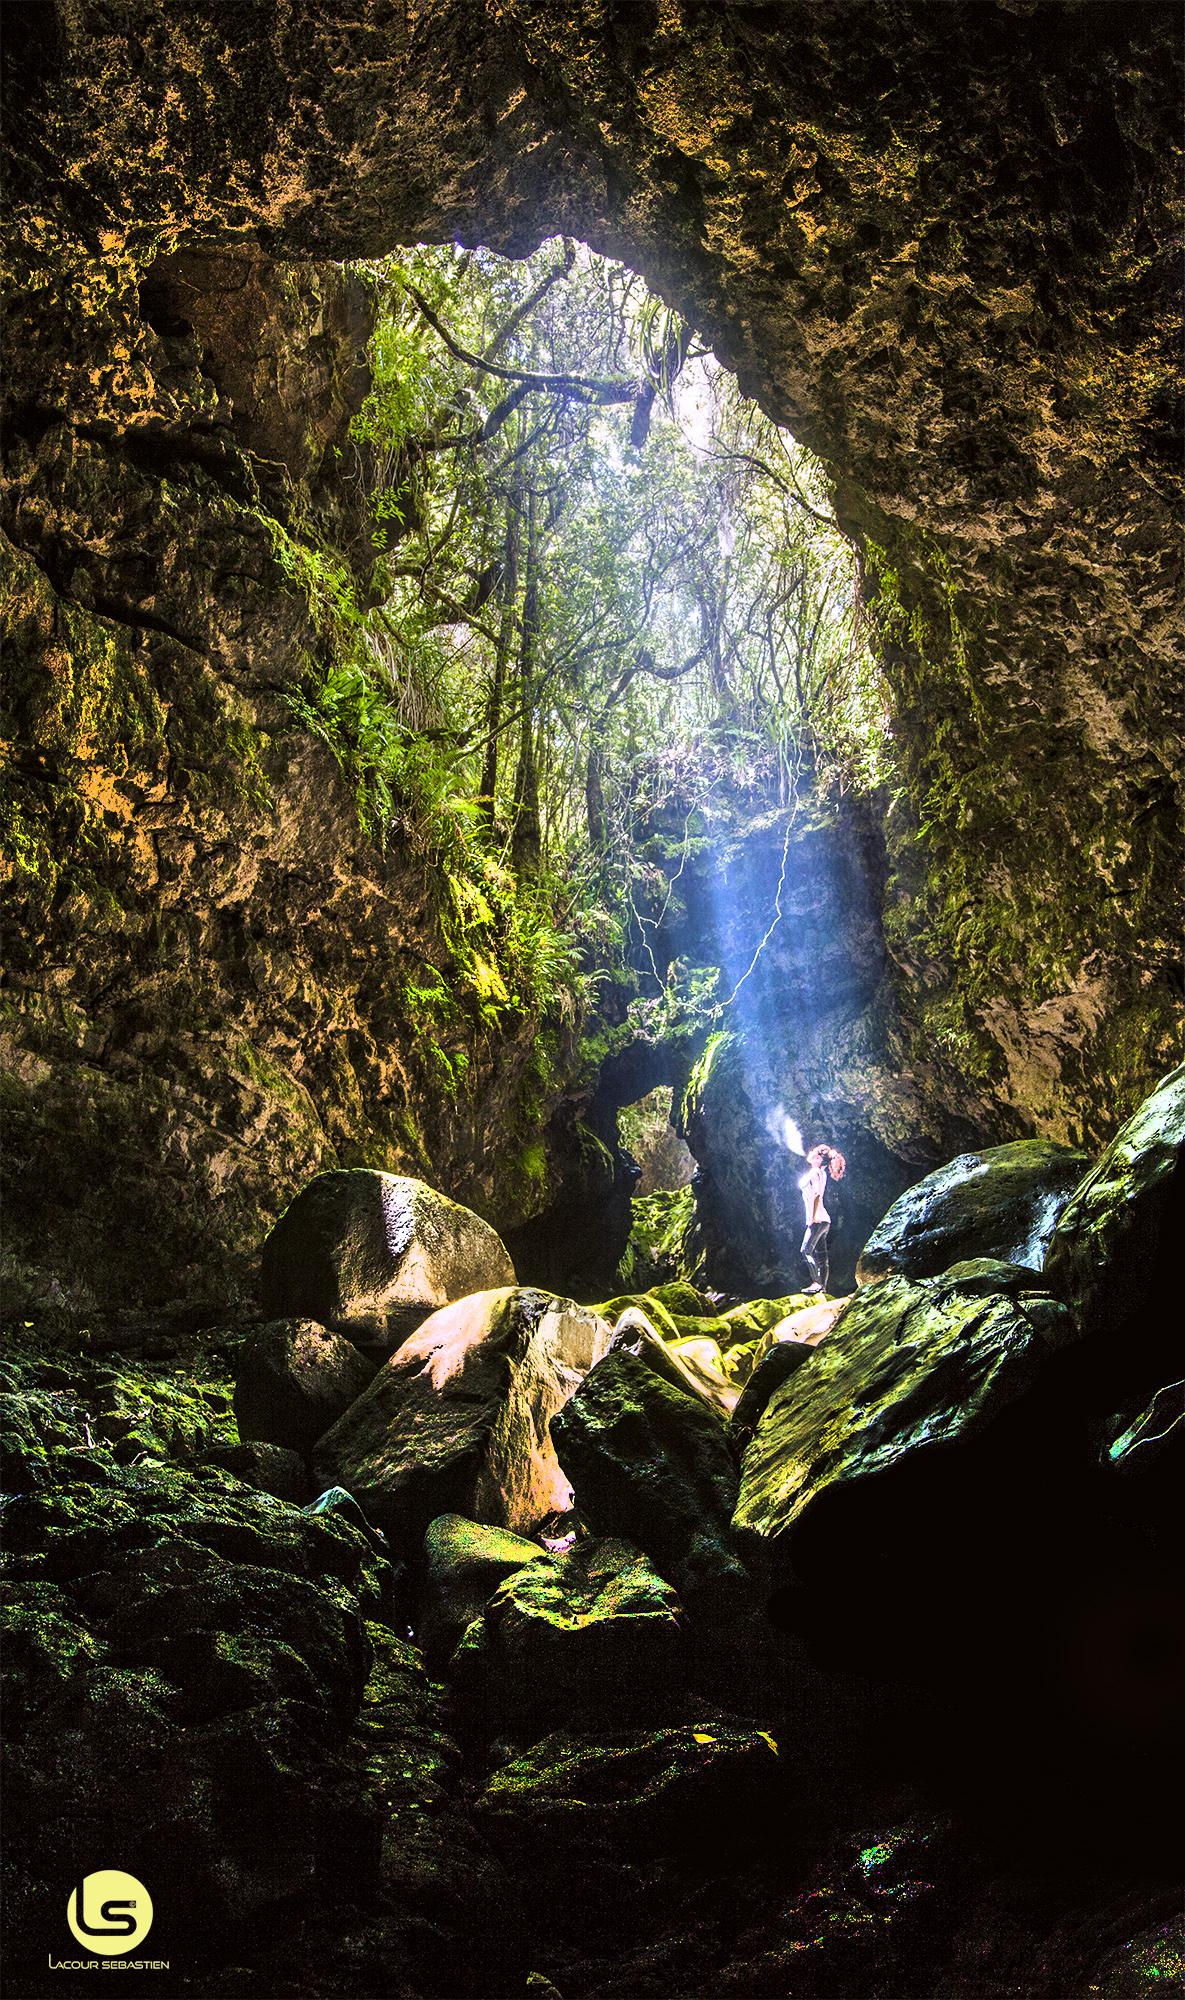 grotte enchantee de la reunion et secrete